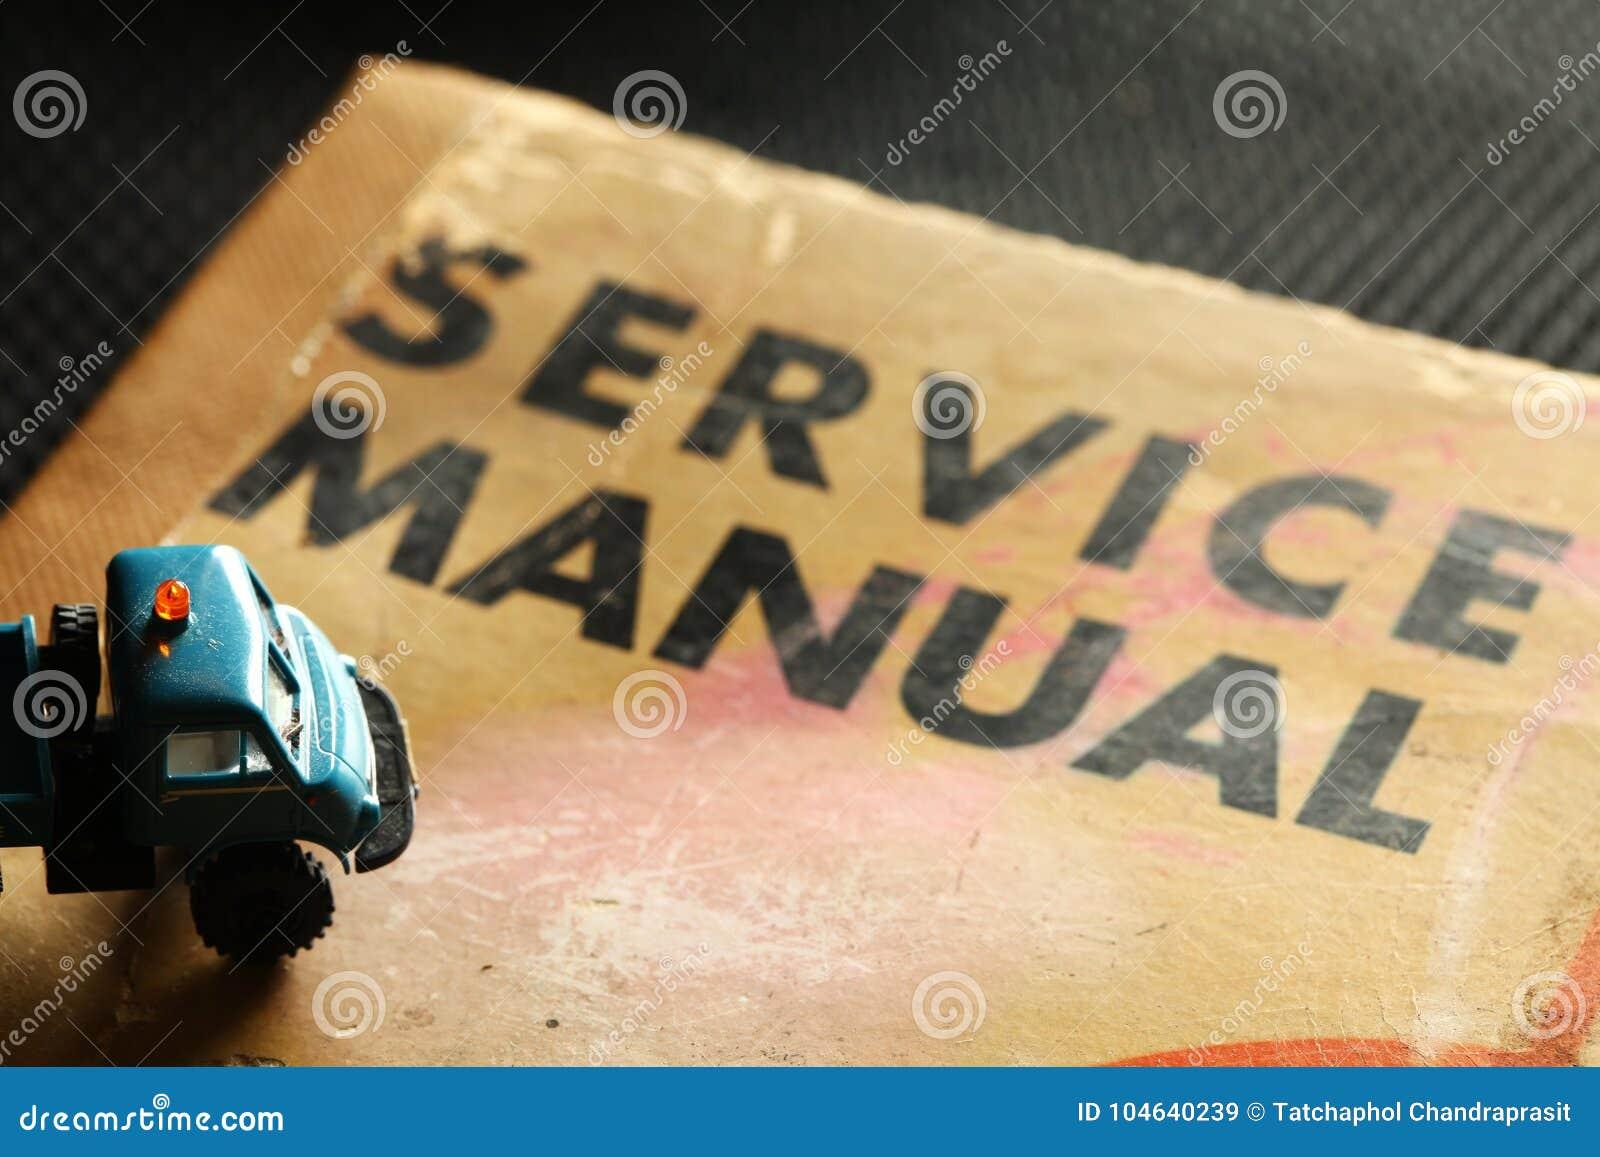 Download Oud de dienstboek stock afbeelding. Afbeelding bestaande uit donker - 104640239